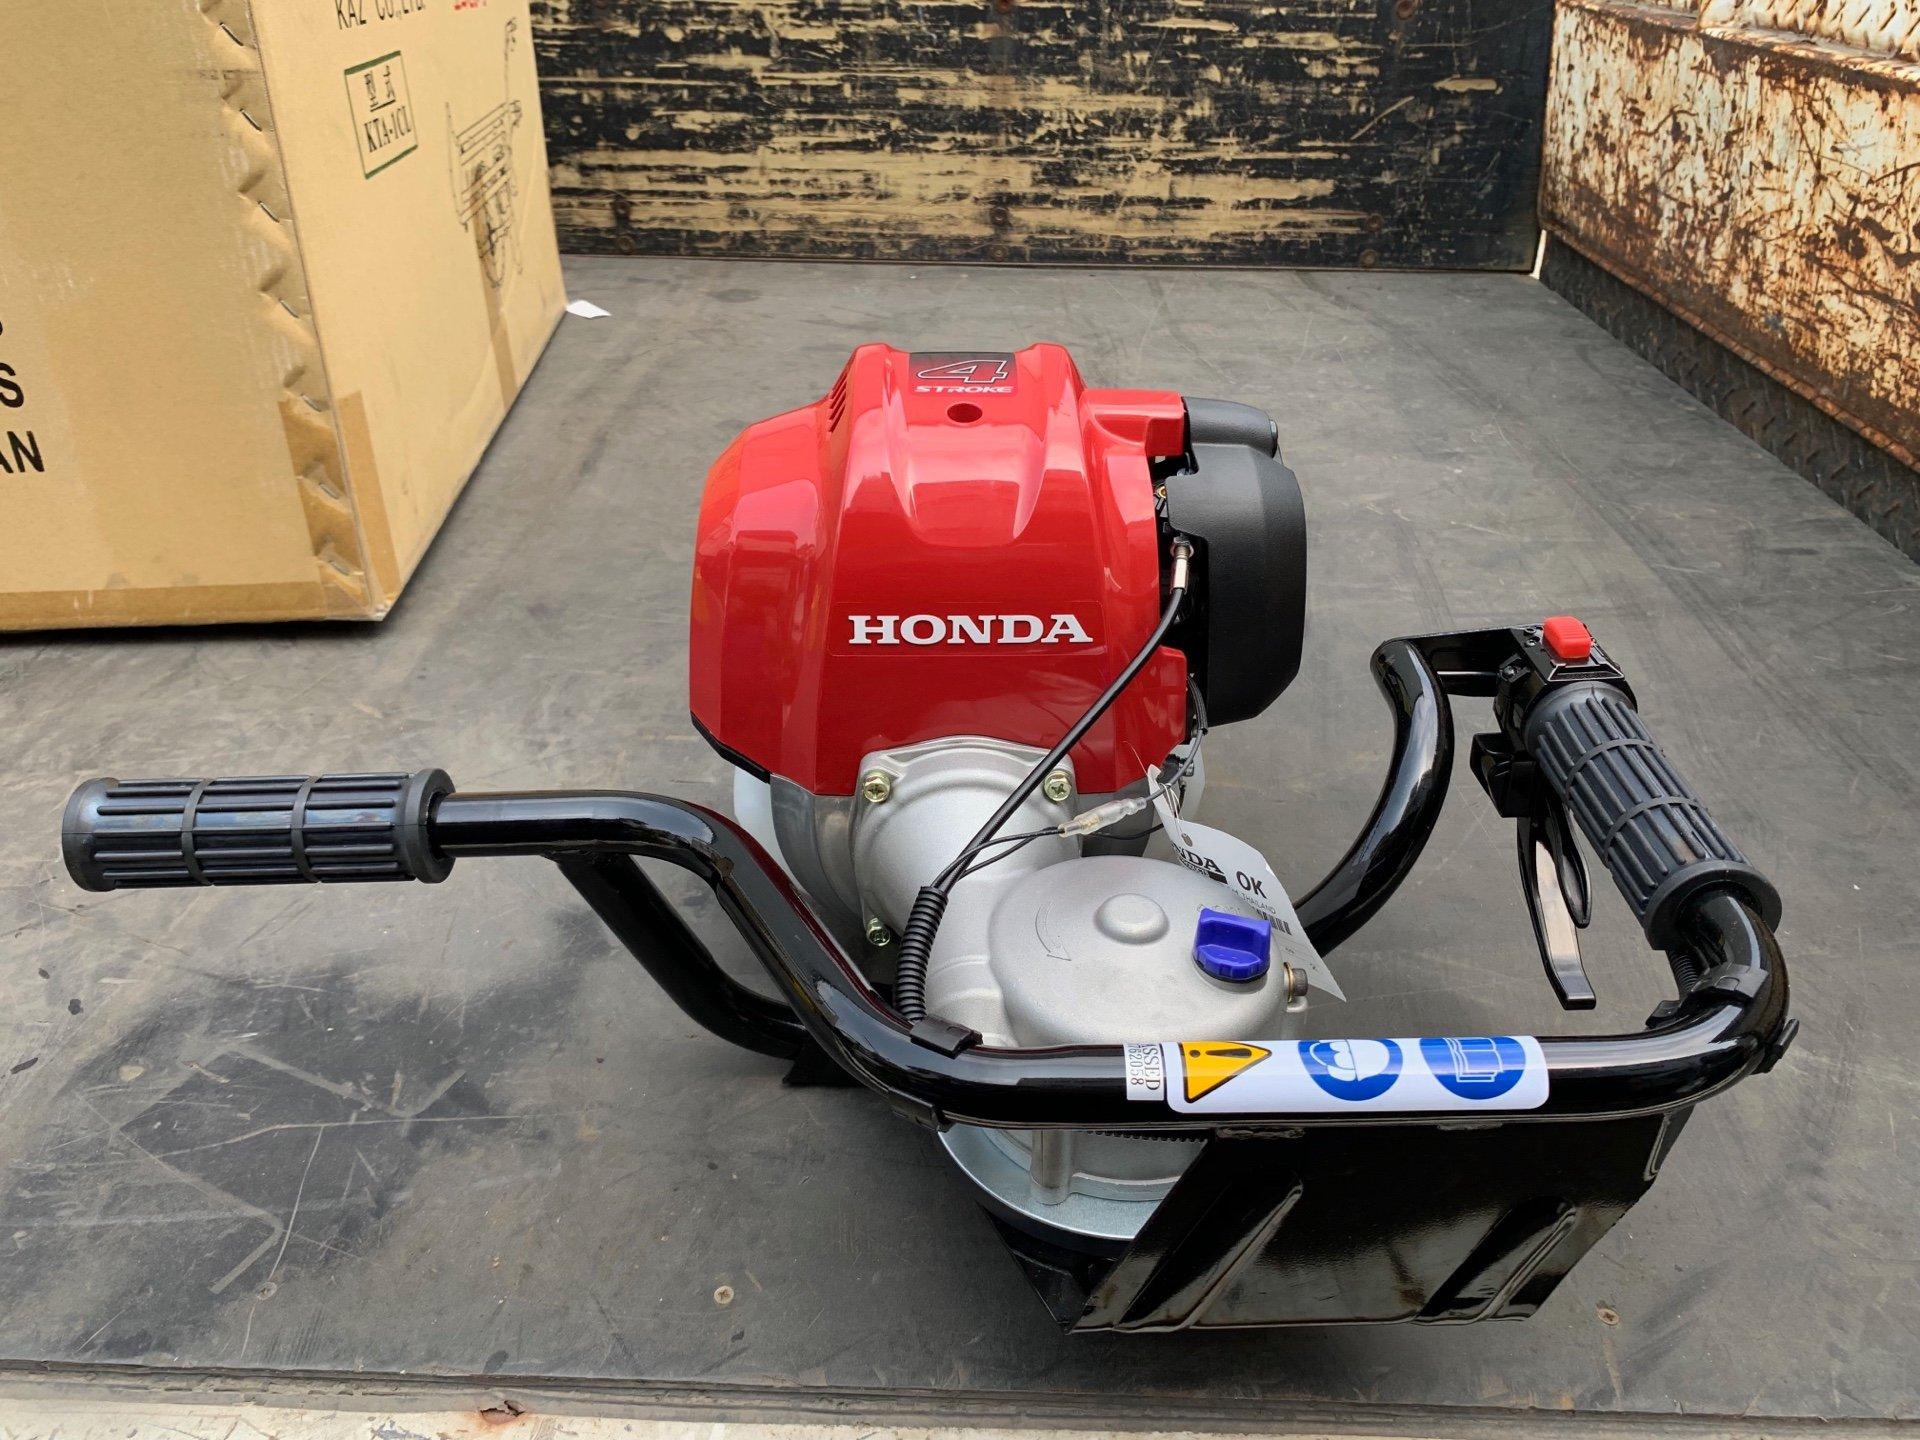 全新本田HONDA(GX50)四行程引擎鑽孔機*環保無汙染/地震動/免混油*HONDA南區門市維修中心